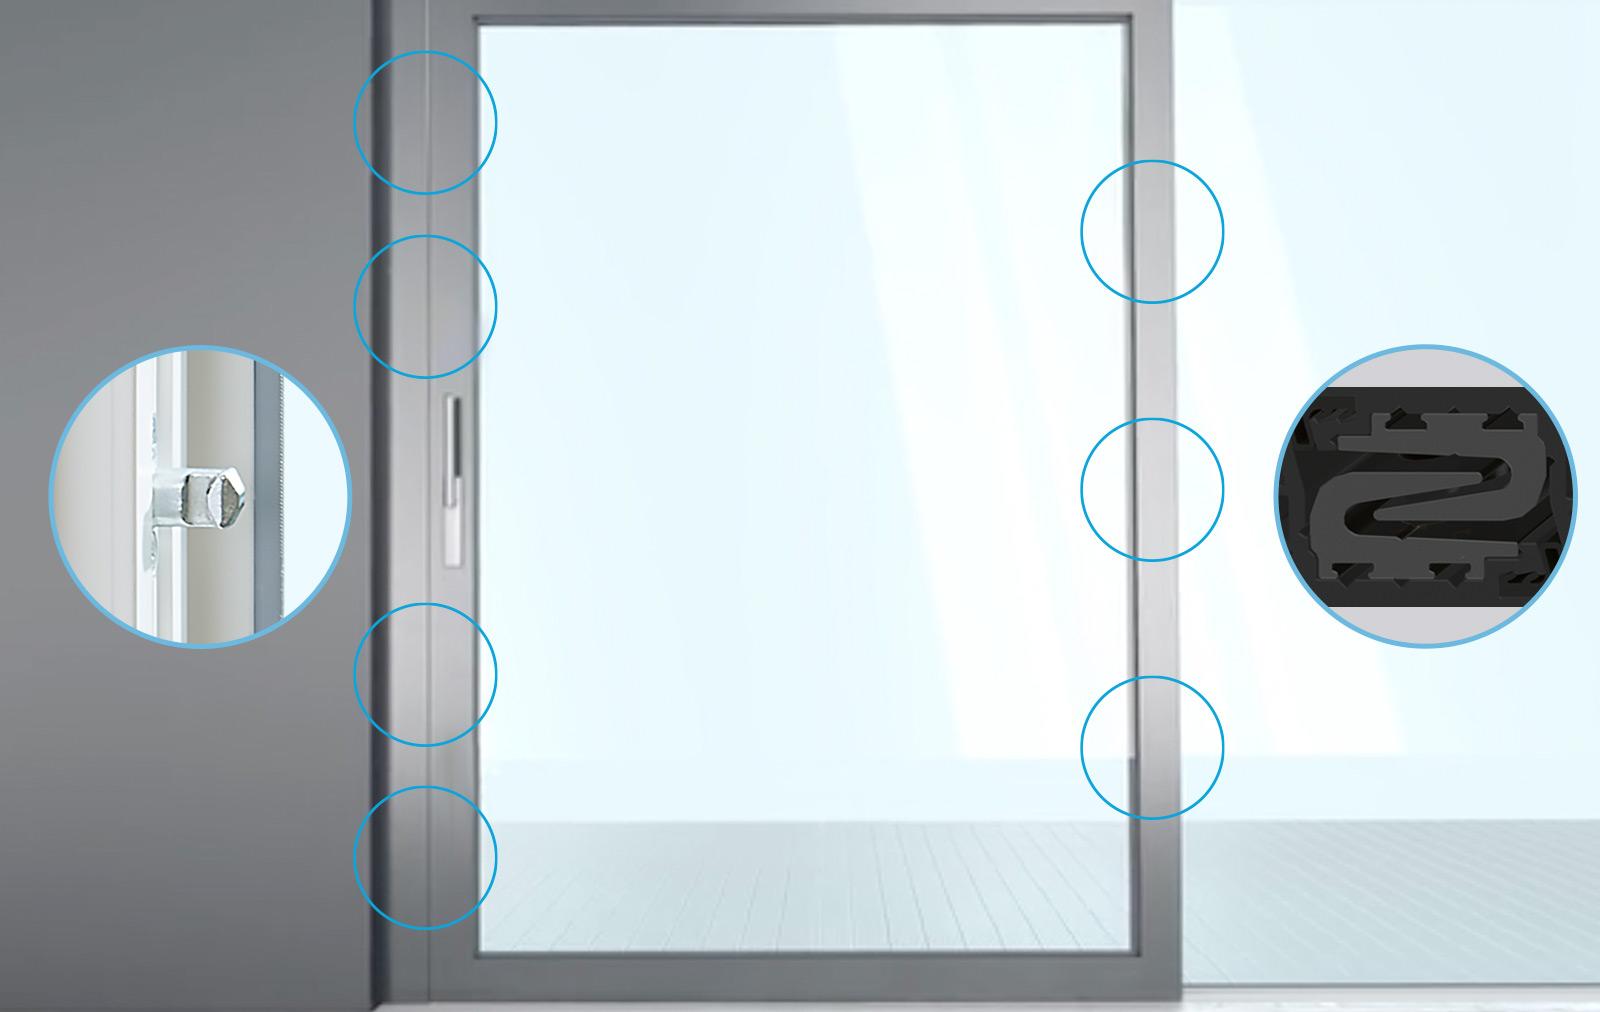 Full Size of Sichere Fenster Einbruchschutz Nachrüsten Veka Rc3 Gitter Trocal Kunststoff Kbe Sicherheitsbeschläge Einbauen Fenster Einbruchschutz Fenster Nachrüsten